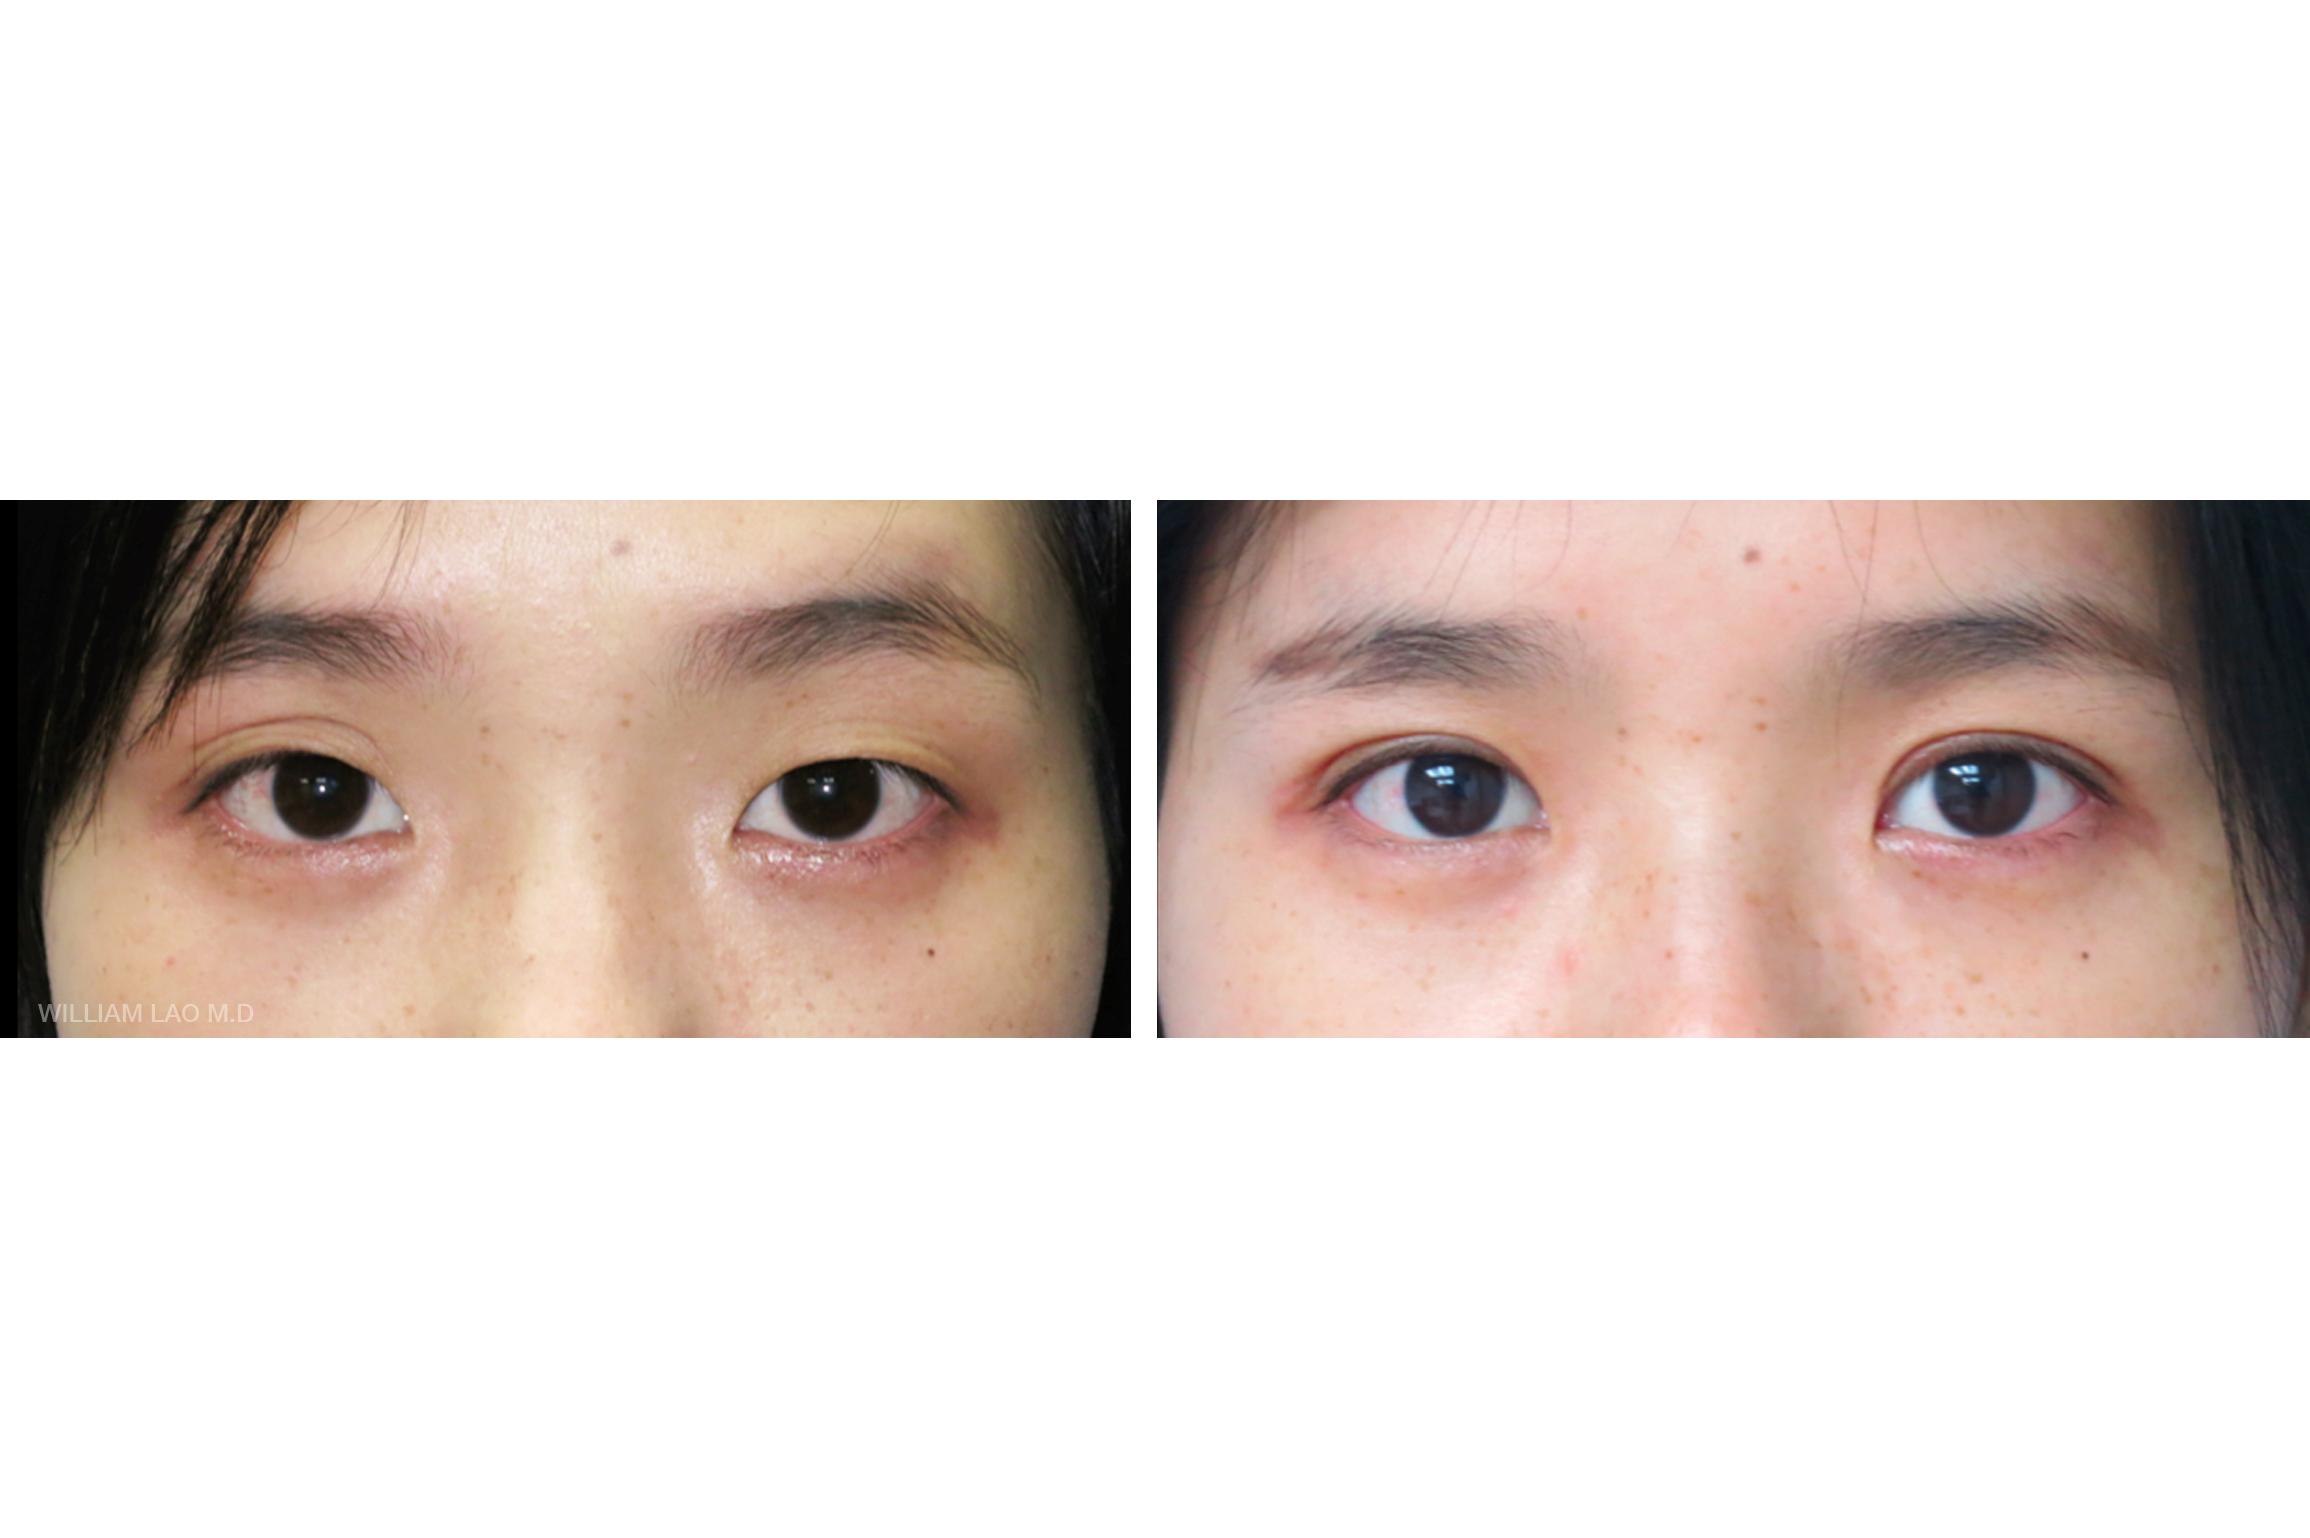 X,28 歲,亞裔   X 從小兩眼就不對稱。右眼有很多層的皺褶但左眼卻非常的單。進行雙眼皮手術後,右眼多層的皺褶變得只有雙眼皮了,兩眼也比以前對稱多了。   瞭解更多